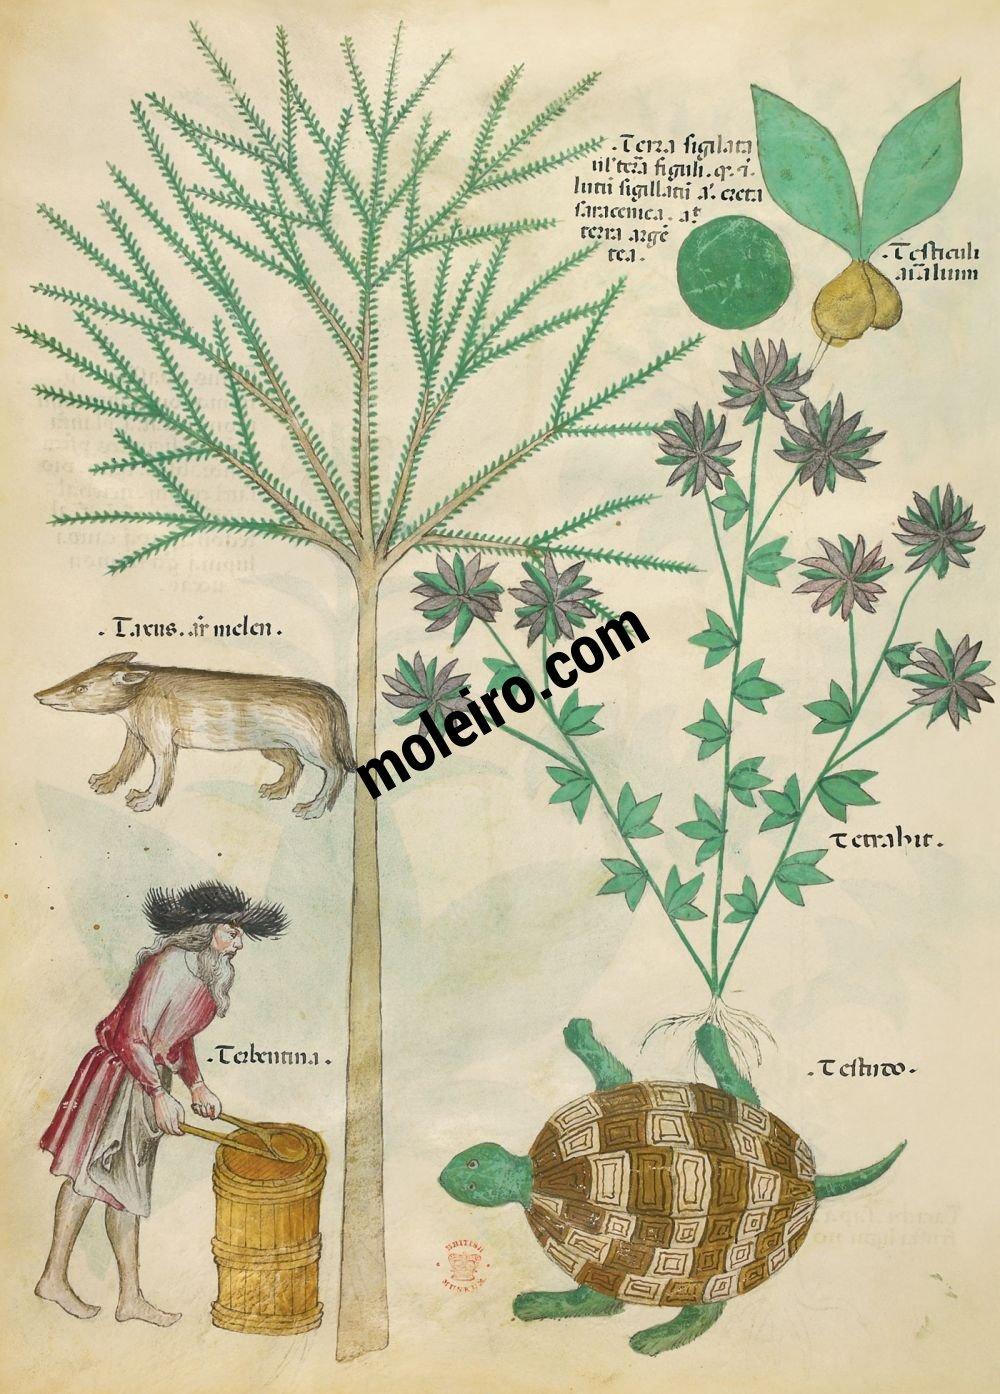 Tractatus de Herbis - Sloane 4016 f. 98v :Terre sigilée ; testicules d'animaux ; if ; [Blaireau] ; ortie royale ; térébenthine ; tortue